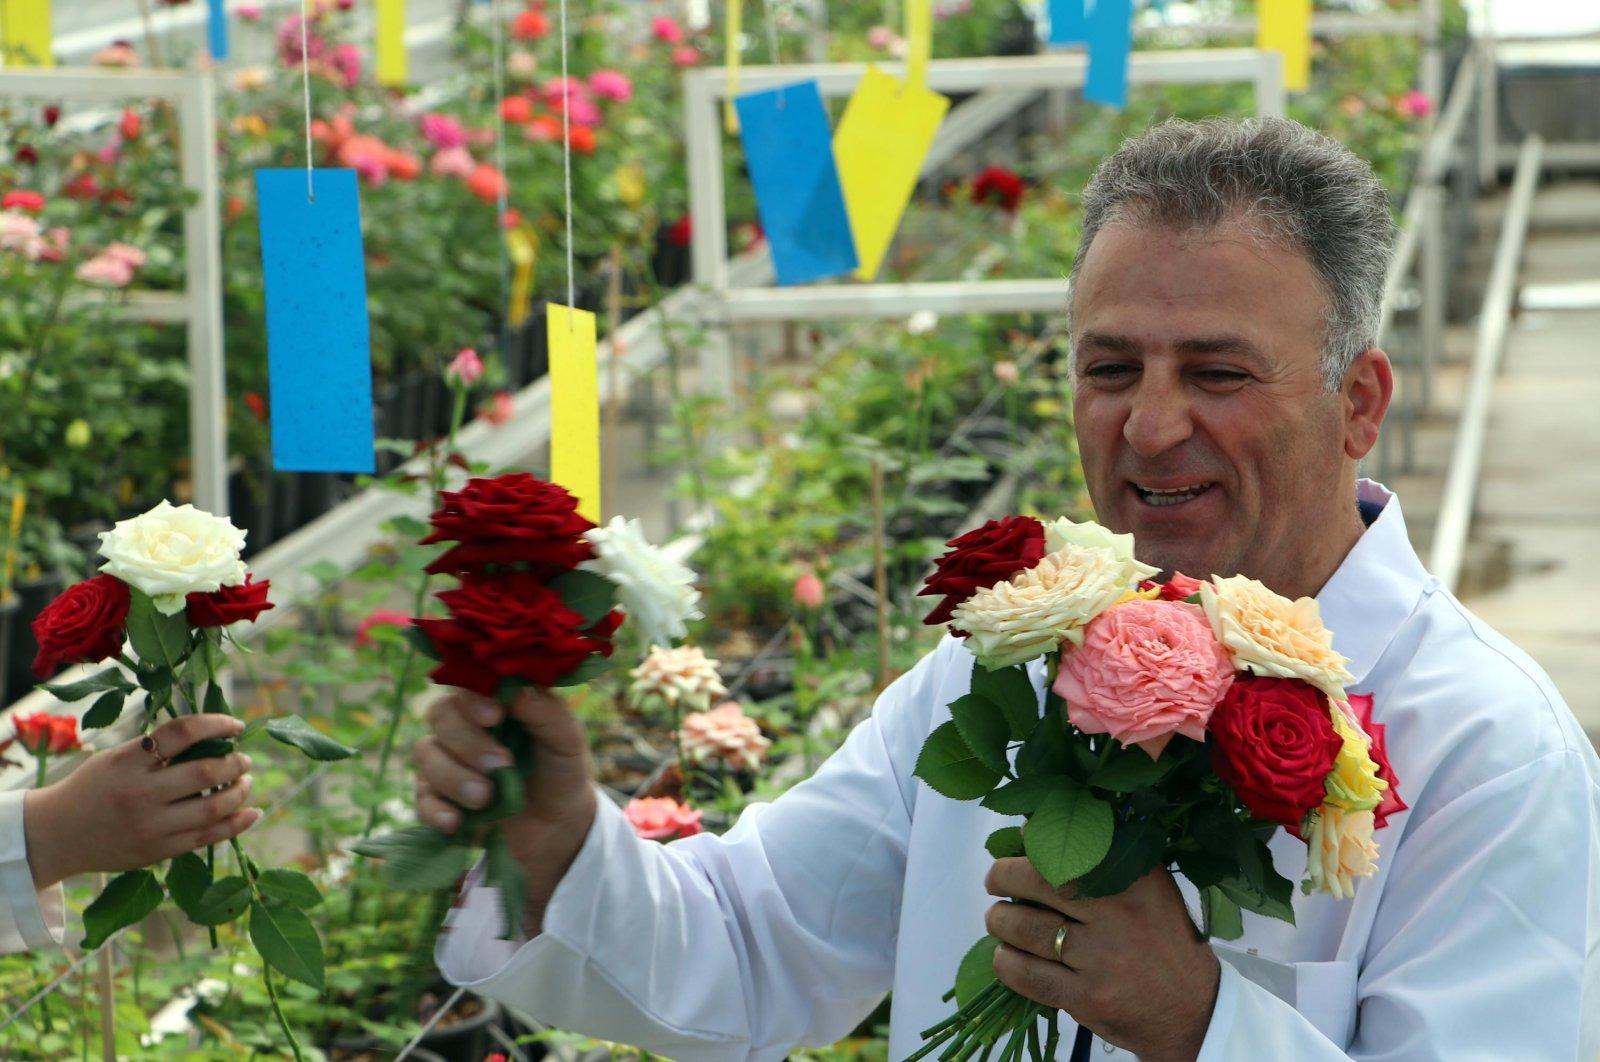 Soner Kazaz poses with roses, in the capital Ankara, Turkey, July 21, 2020. (DHA Photo)